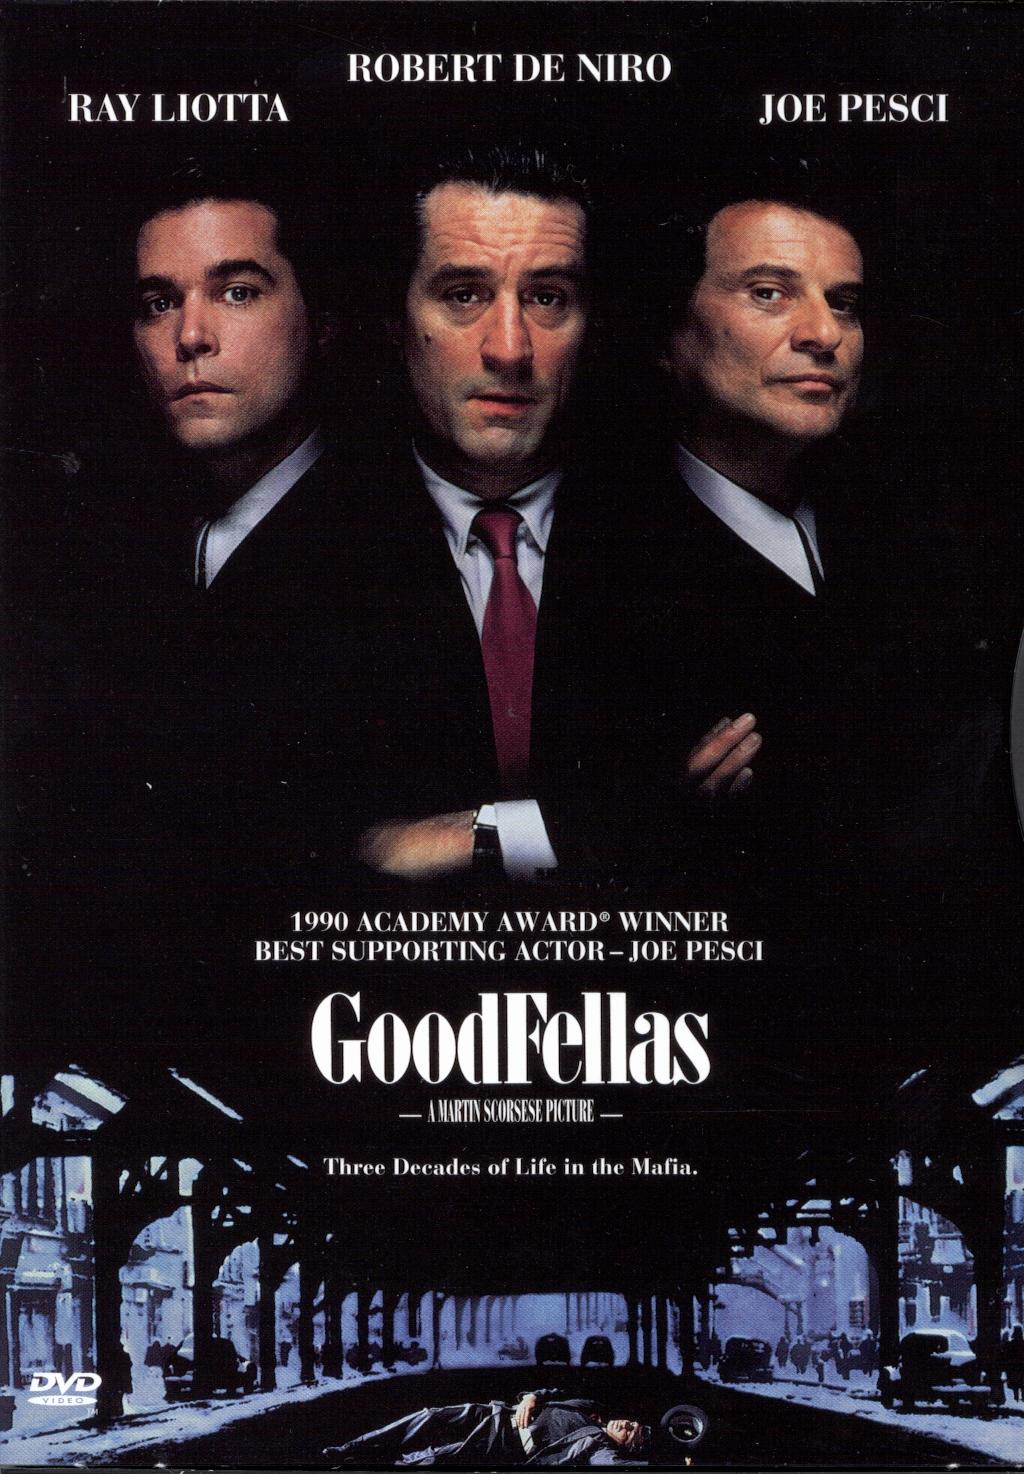 The Godfather Godfellas Sopranos Ring